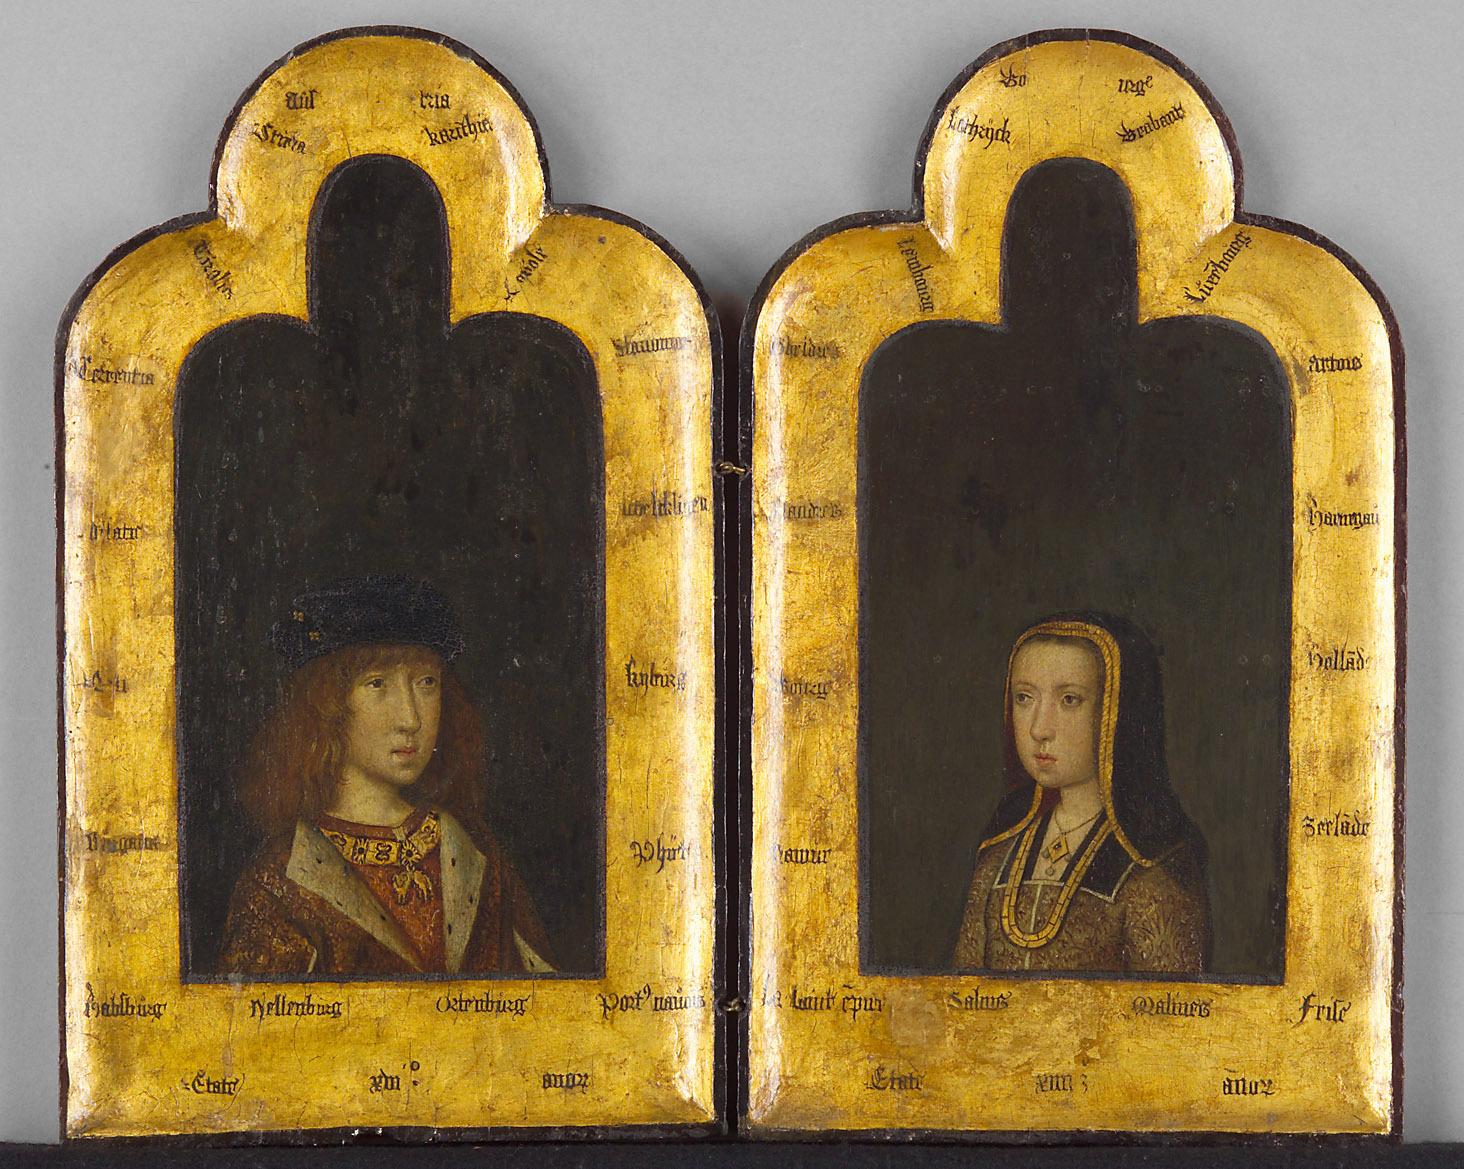 Diptychon: König Philipp I. der Schöne (1478-1506) als Sechzehnjähriger und Margarethe, die Schwester König Philipps I. des Schönen, im 14. Lebensjahr von Meister der St. Georgsgilde